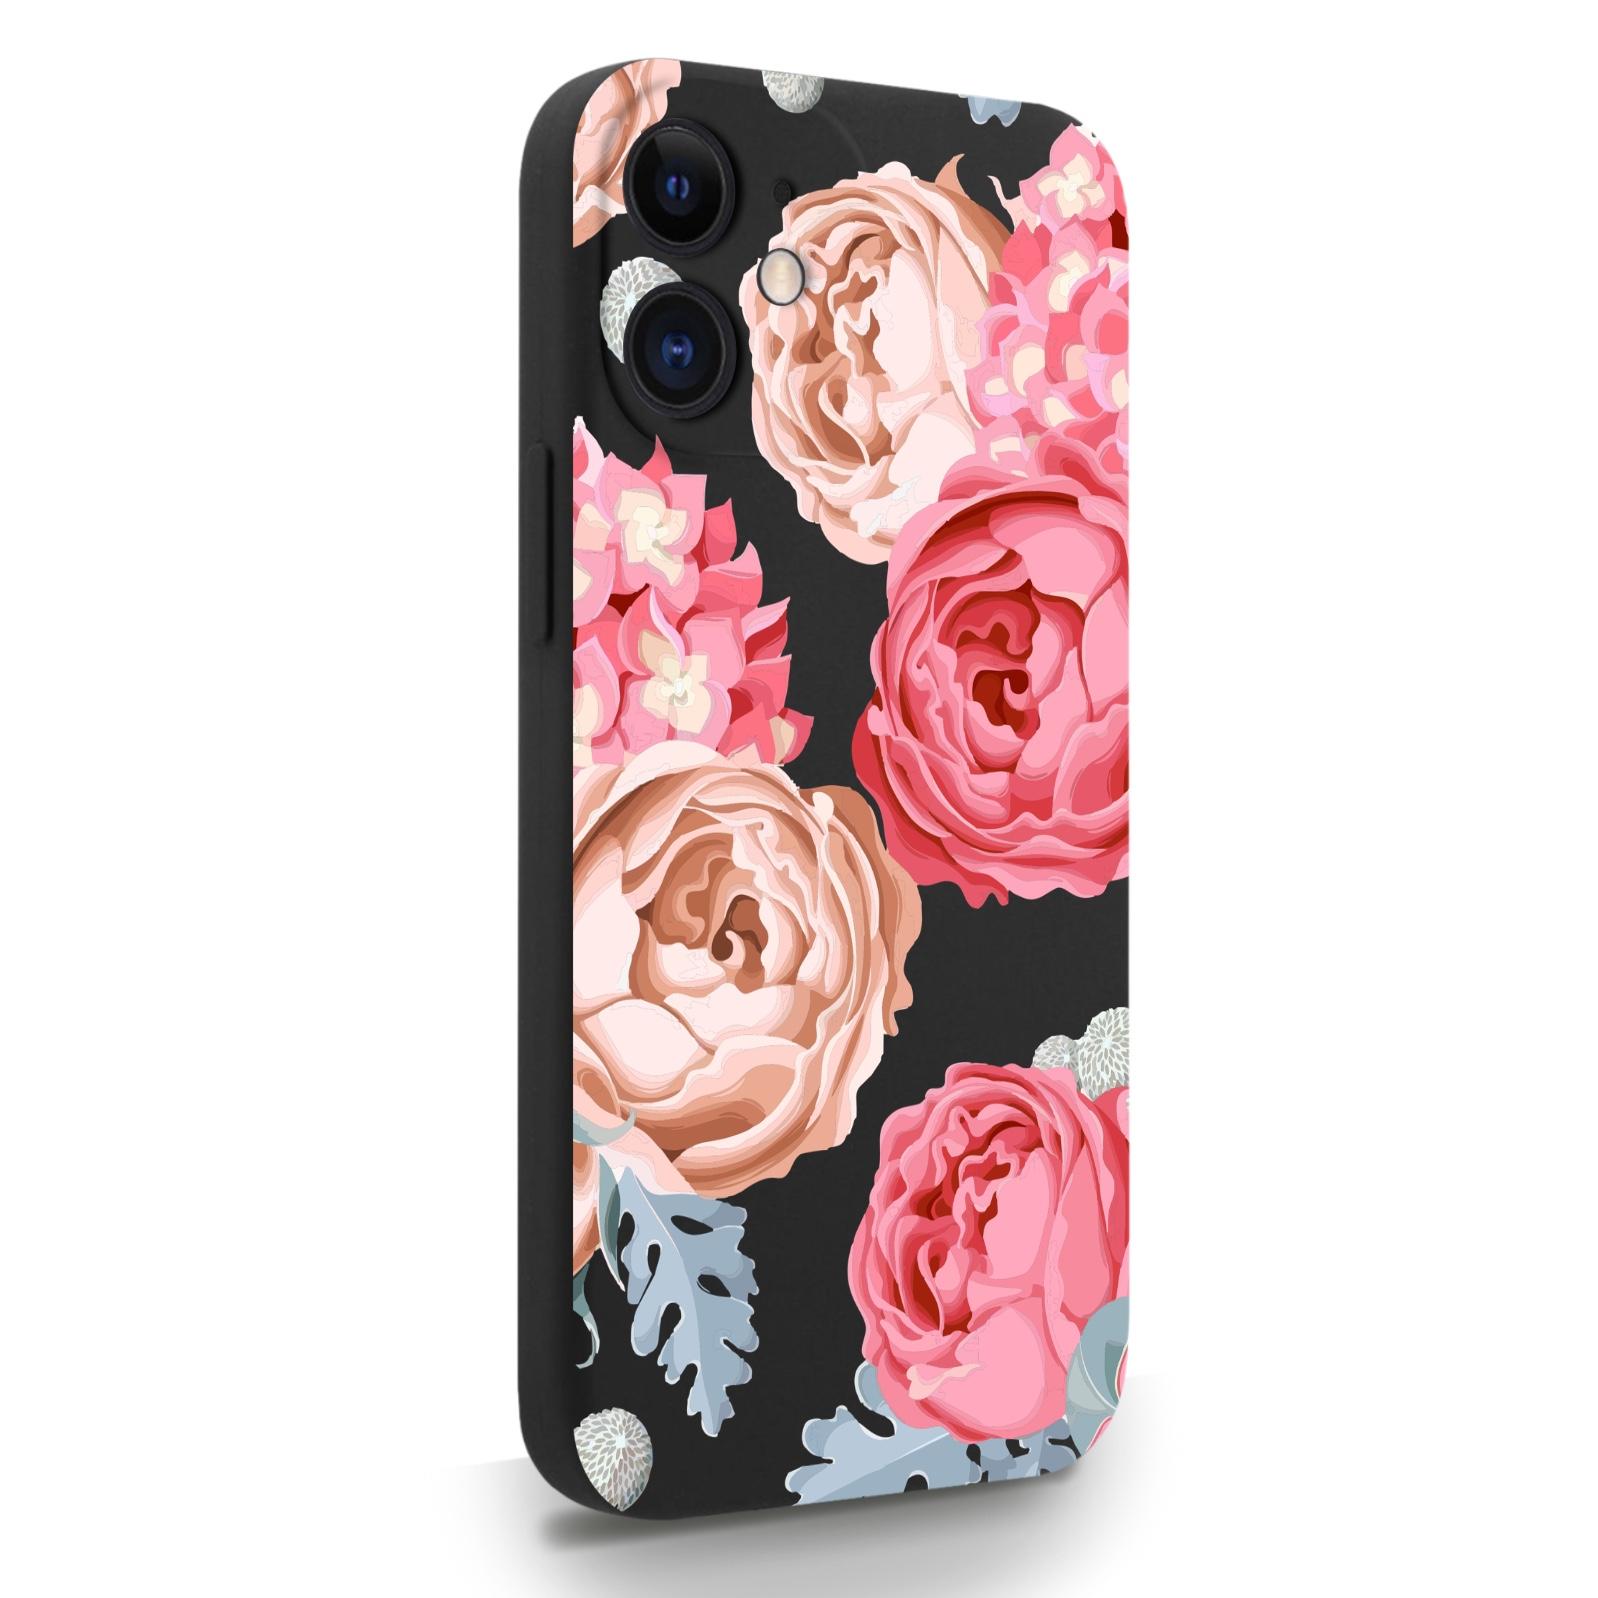 Черный силиконовый чехол для iPhone 12 Mini Пионы для Айфон 12 Мини